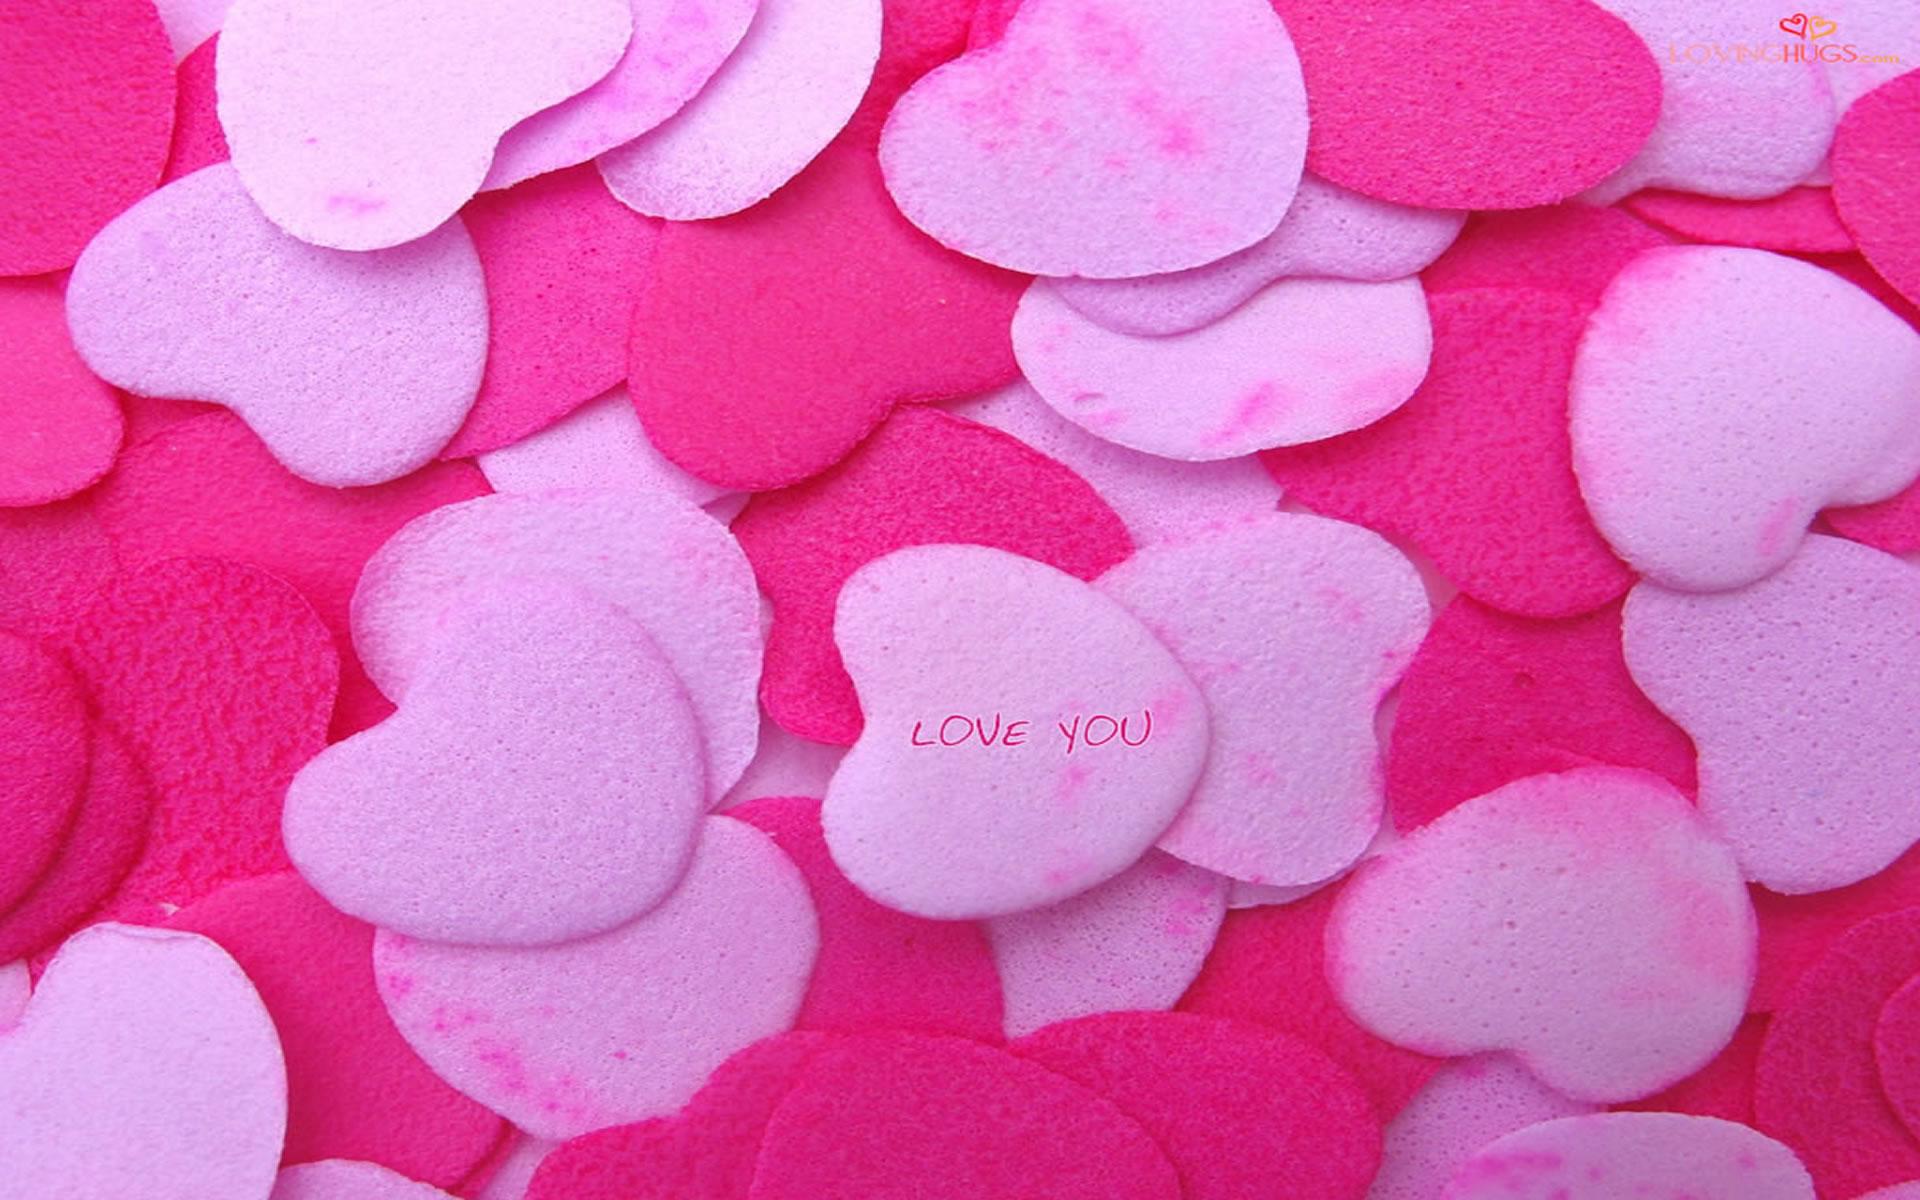 Fondos de Amor. Un Corazón con alas para enamorados. Wallpapers Románticos gratis. Descarga los wallpapers de amor más tiernos de forma gratuita.